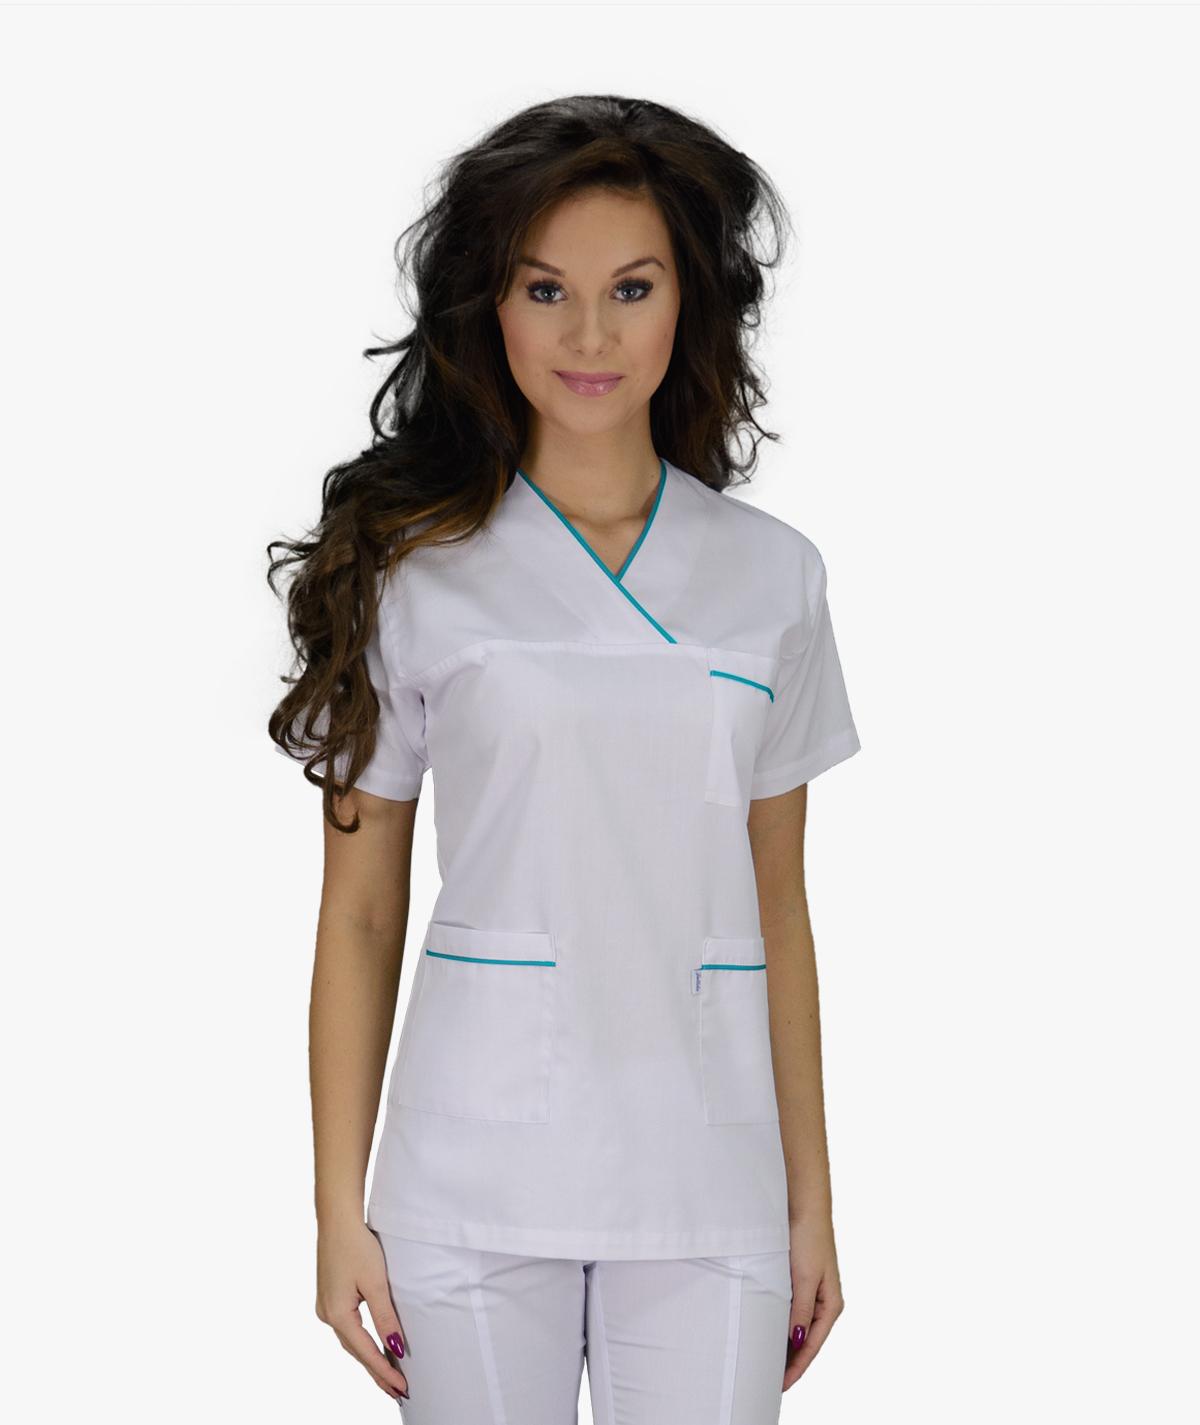 Biała bluza medyczna Wiki